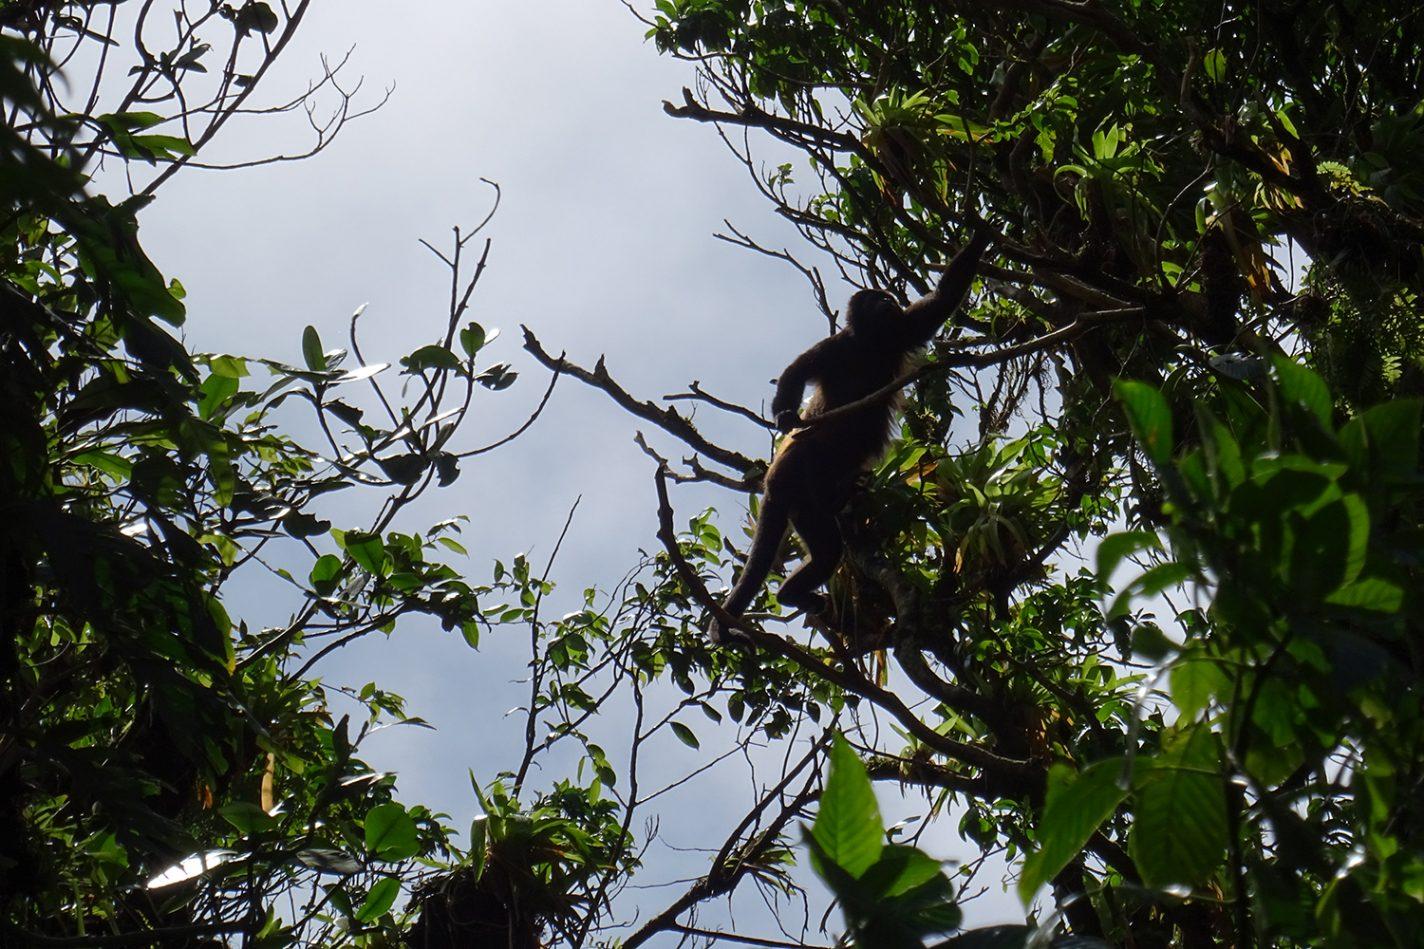 Aap in de jungle